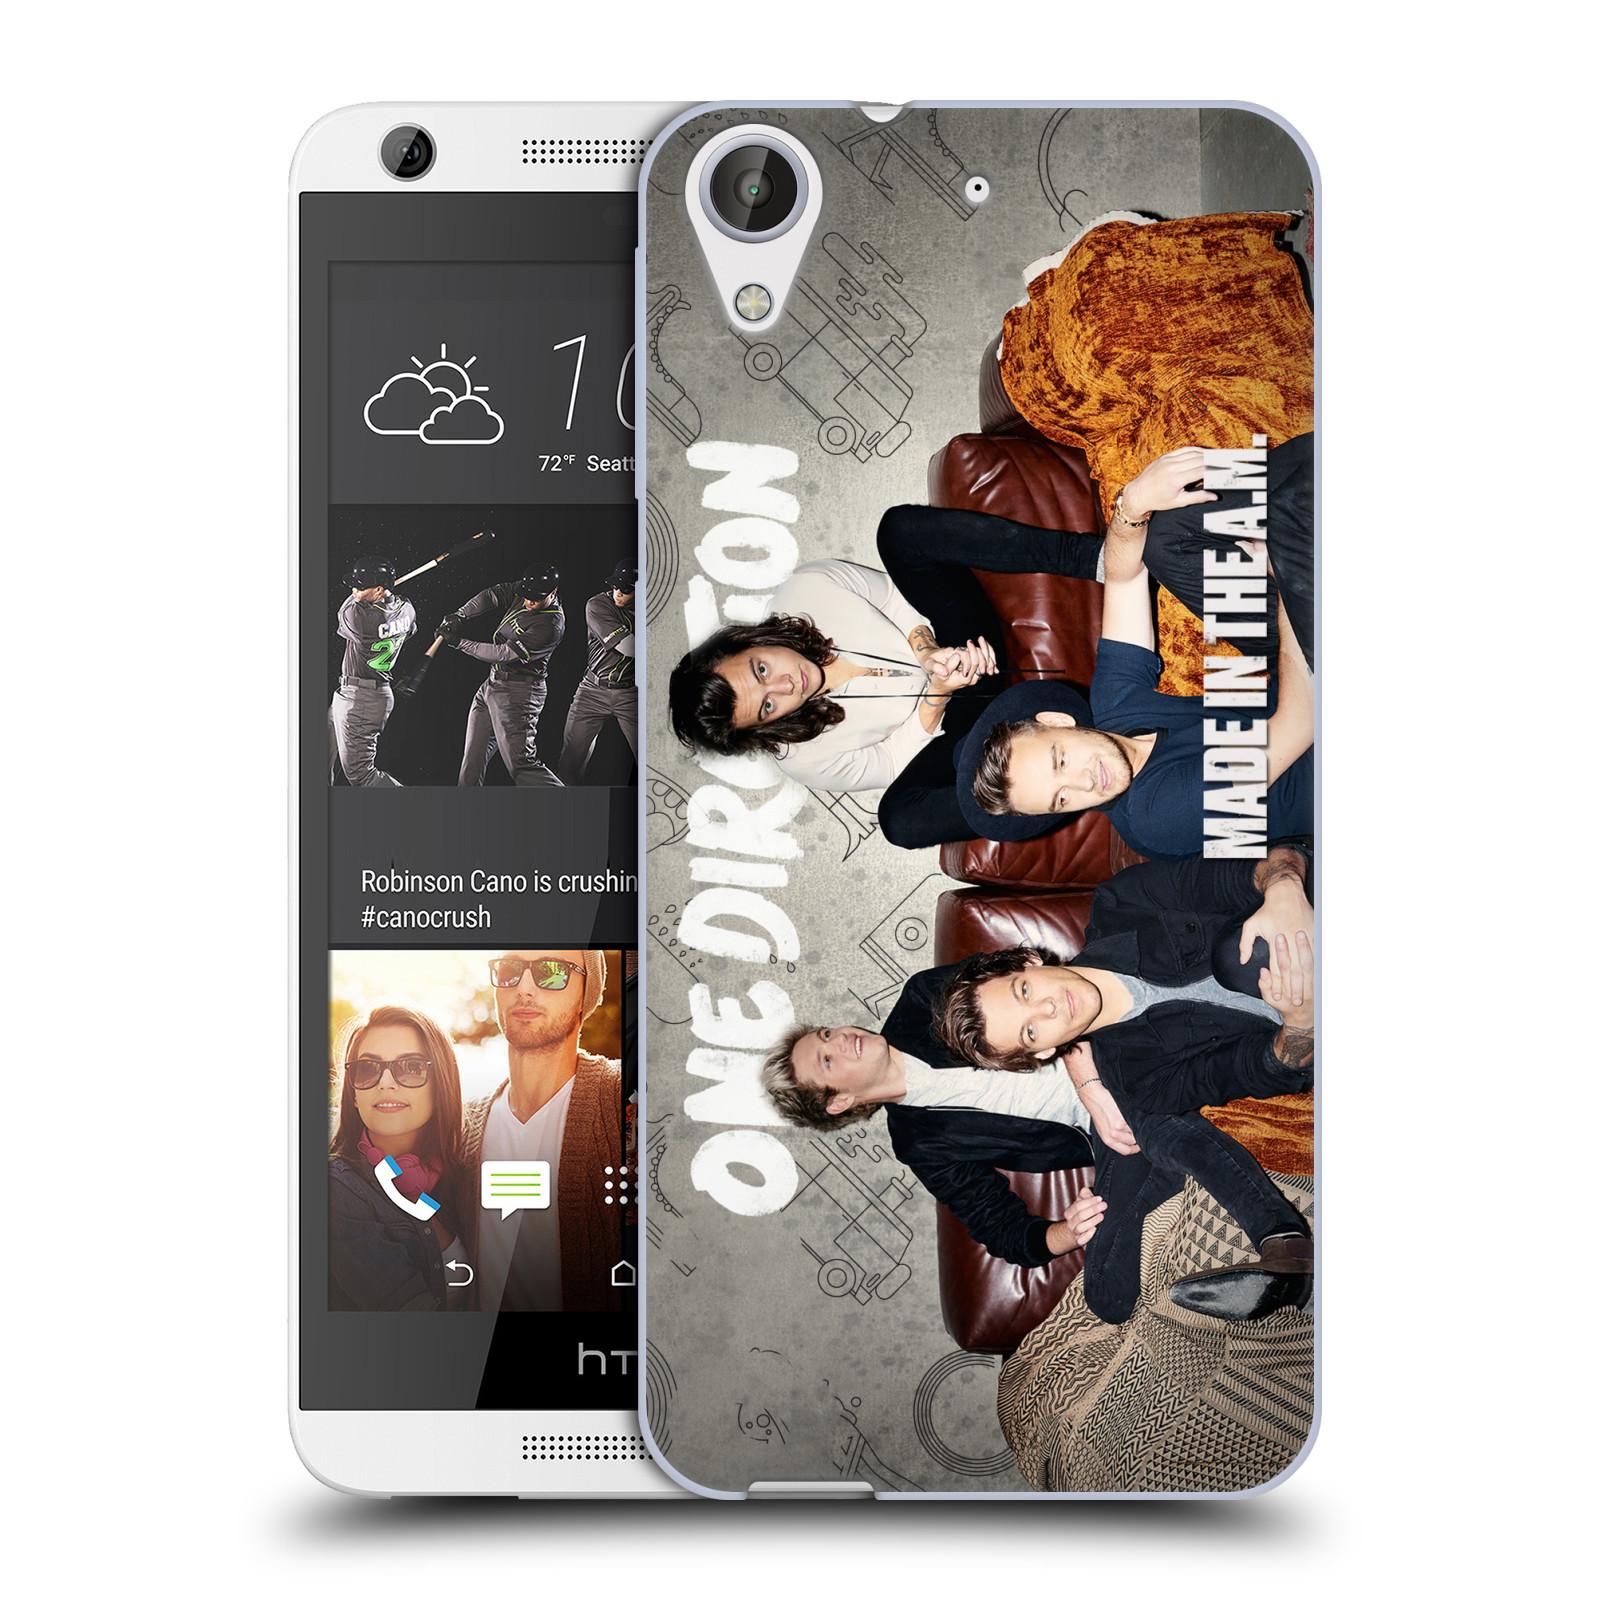 Silikonové pouzdro na mobil HTC Desire 626 / 626G HEAD CASE One Direction - Na Gaučíku (Silikonový kryt či obal One Direction Official na mobilní telefon HTC Desire 626 a 626G Dual SIM)